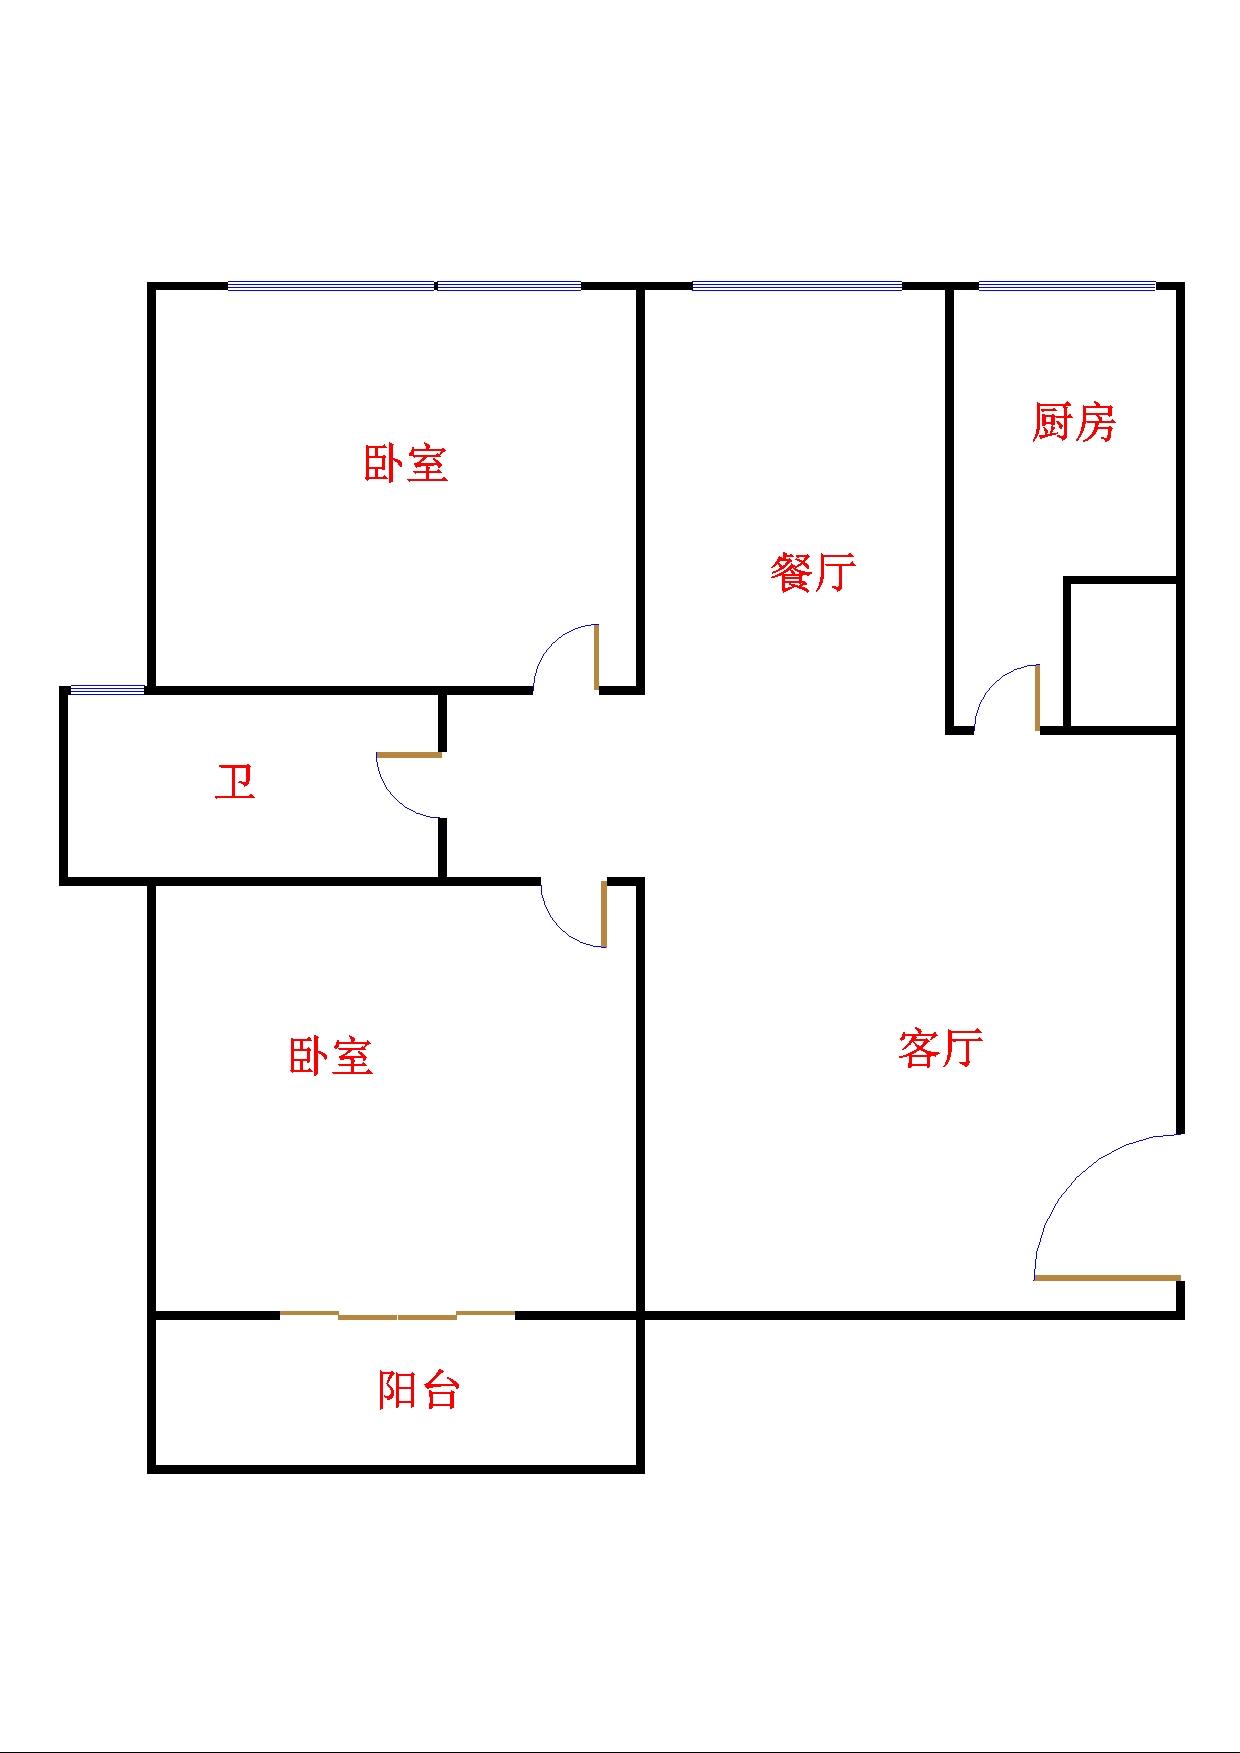 星河湾 2室2厅 23楼